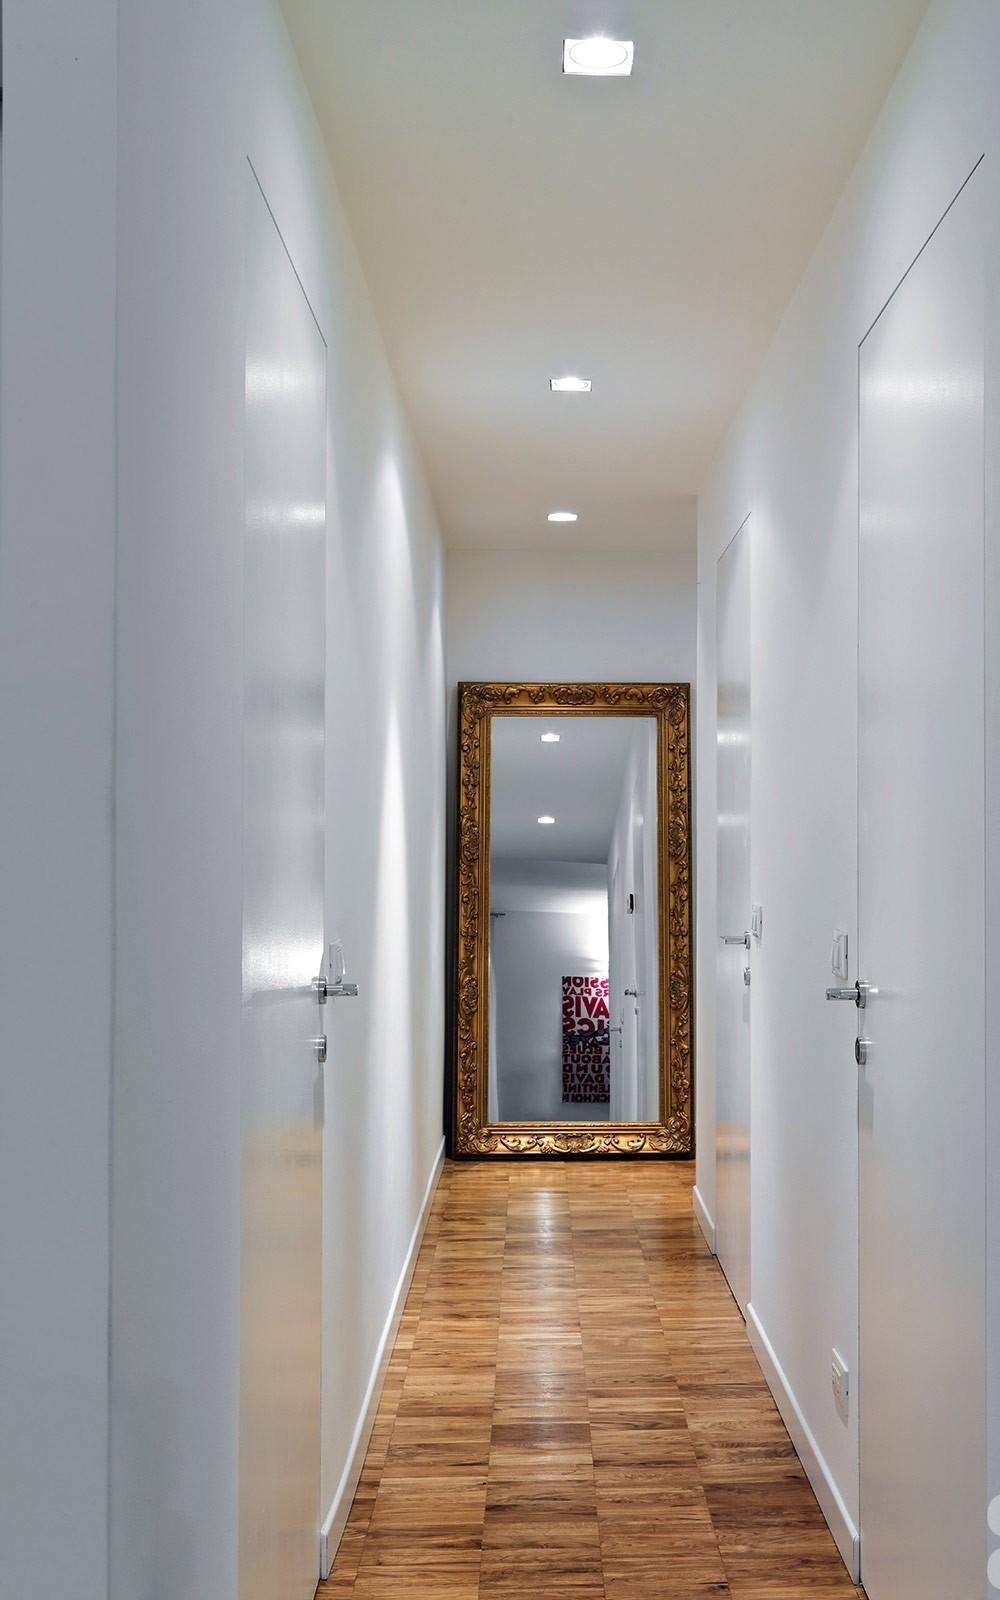 un corridoio stretto, il consiglio è di utilizzare colori chiari e ...